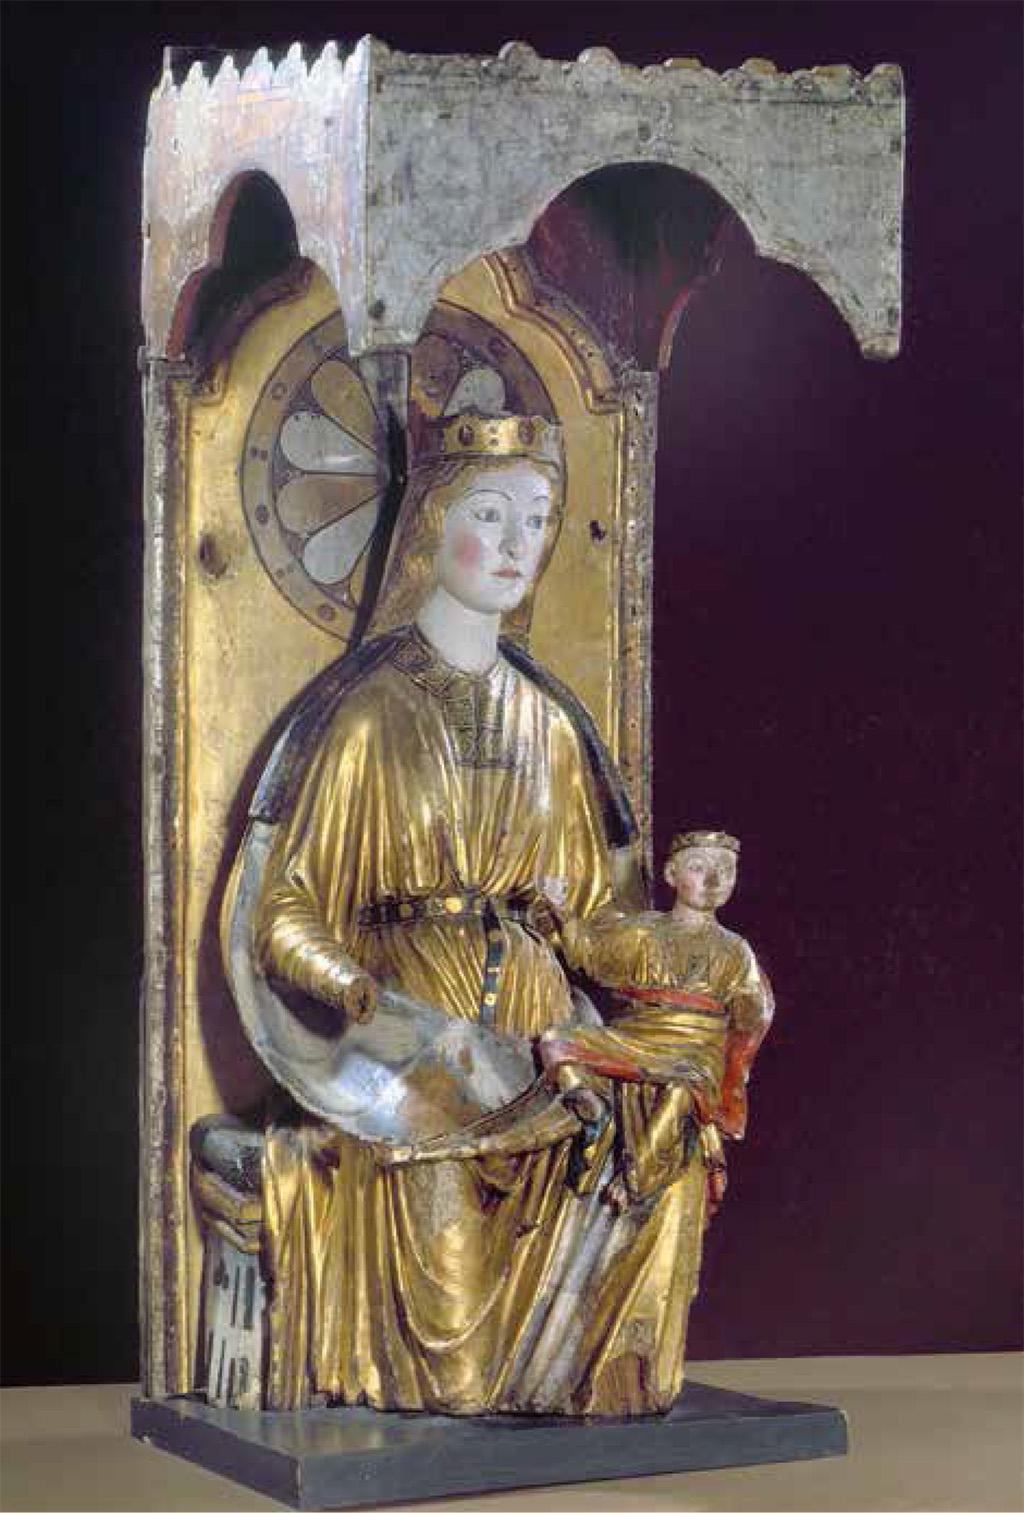 La marededeu de Hove (fiord de Sogn, Noruega), avui al Museu de la Universitat de Bergen, comparteix amb la de Dal la relació amb tallers anglesos de la primera meitat del segle XIII